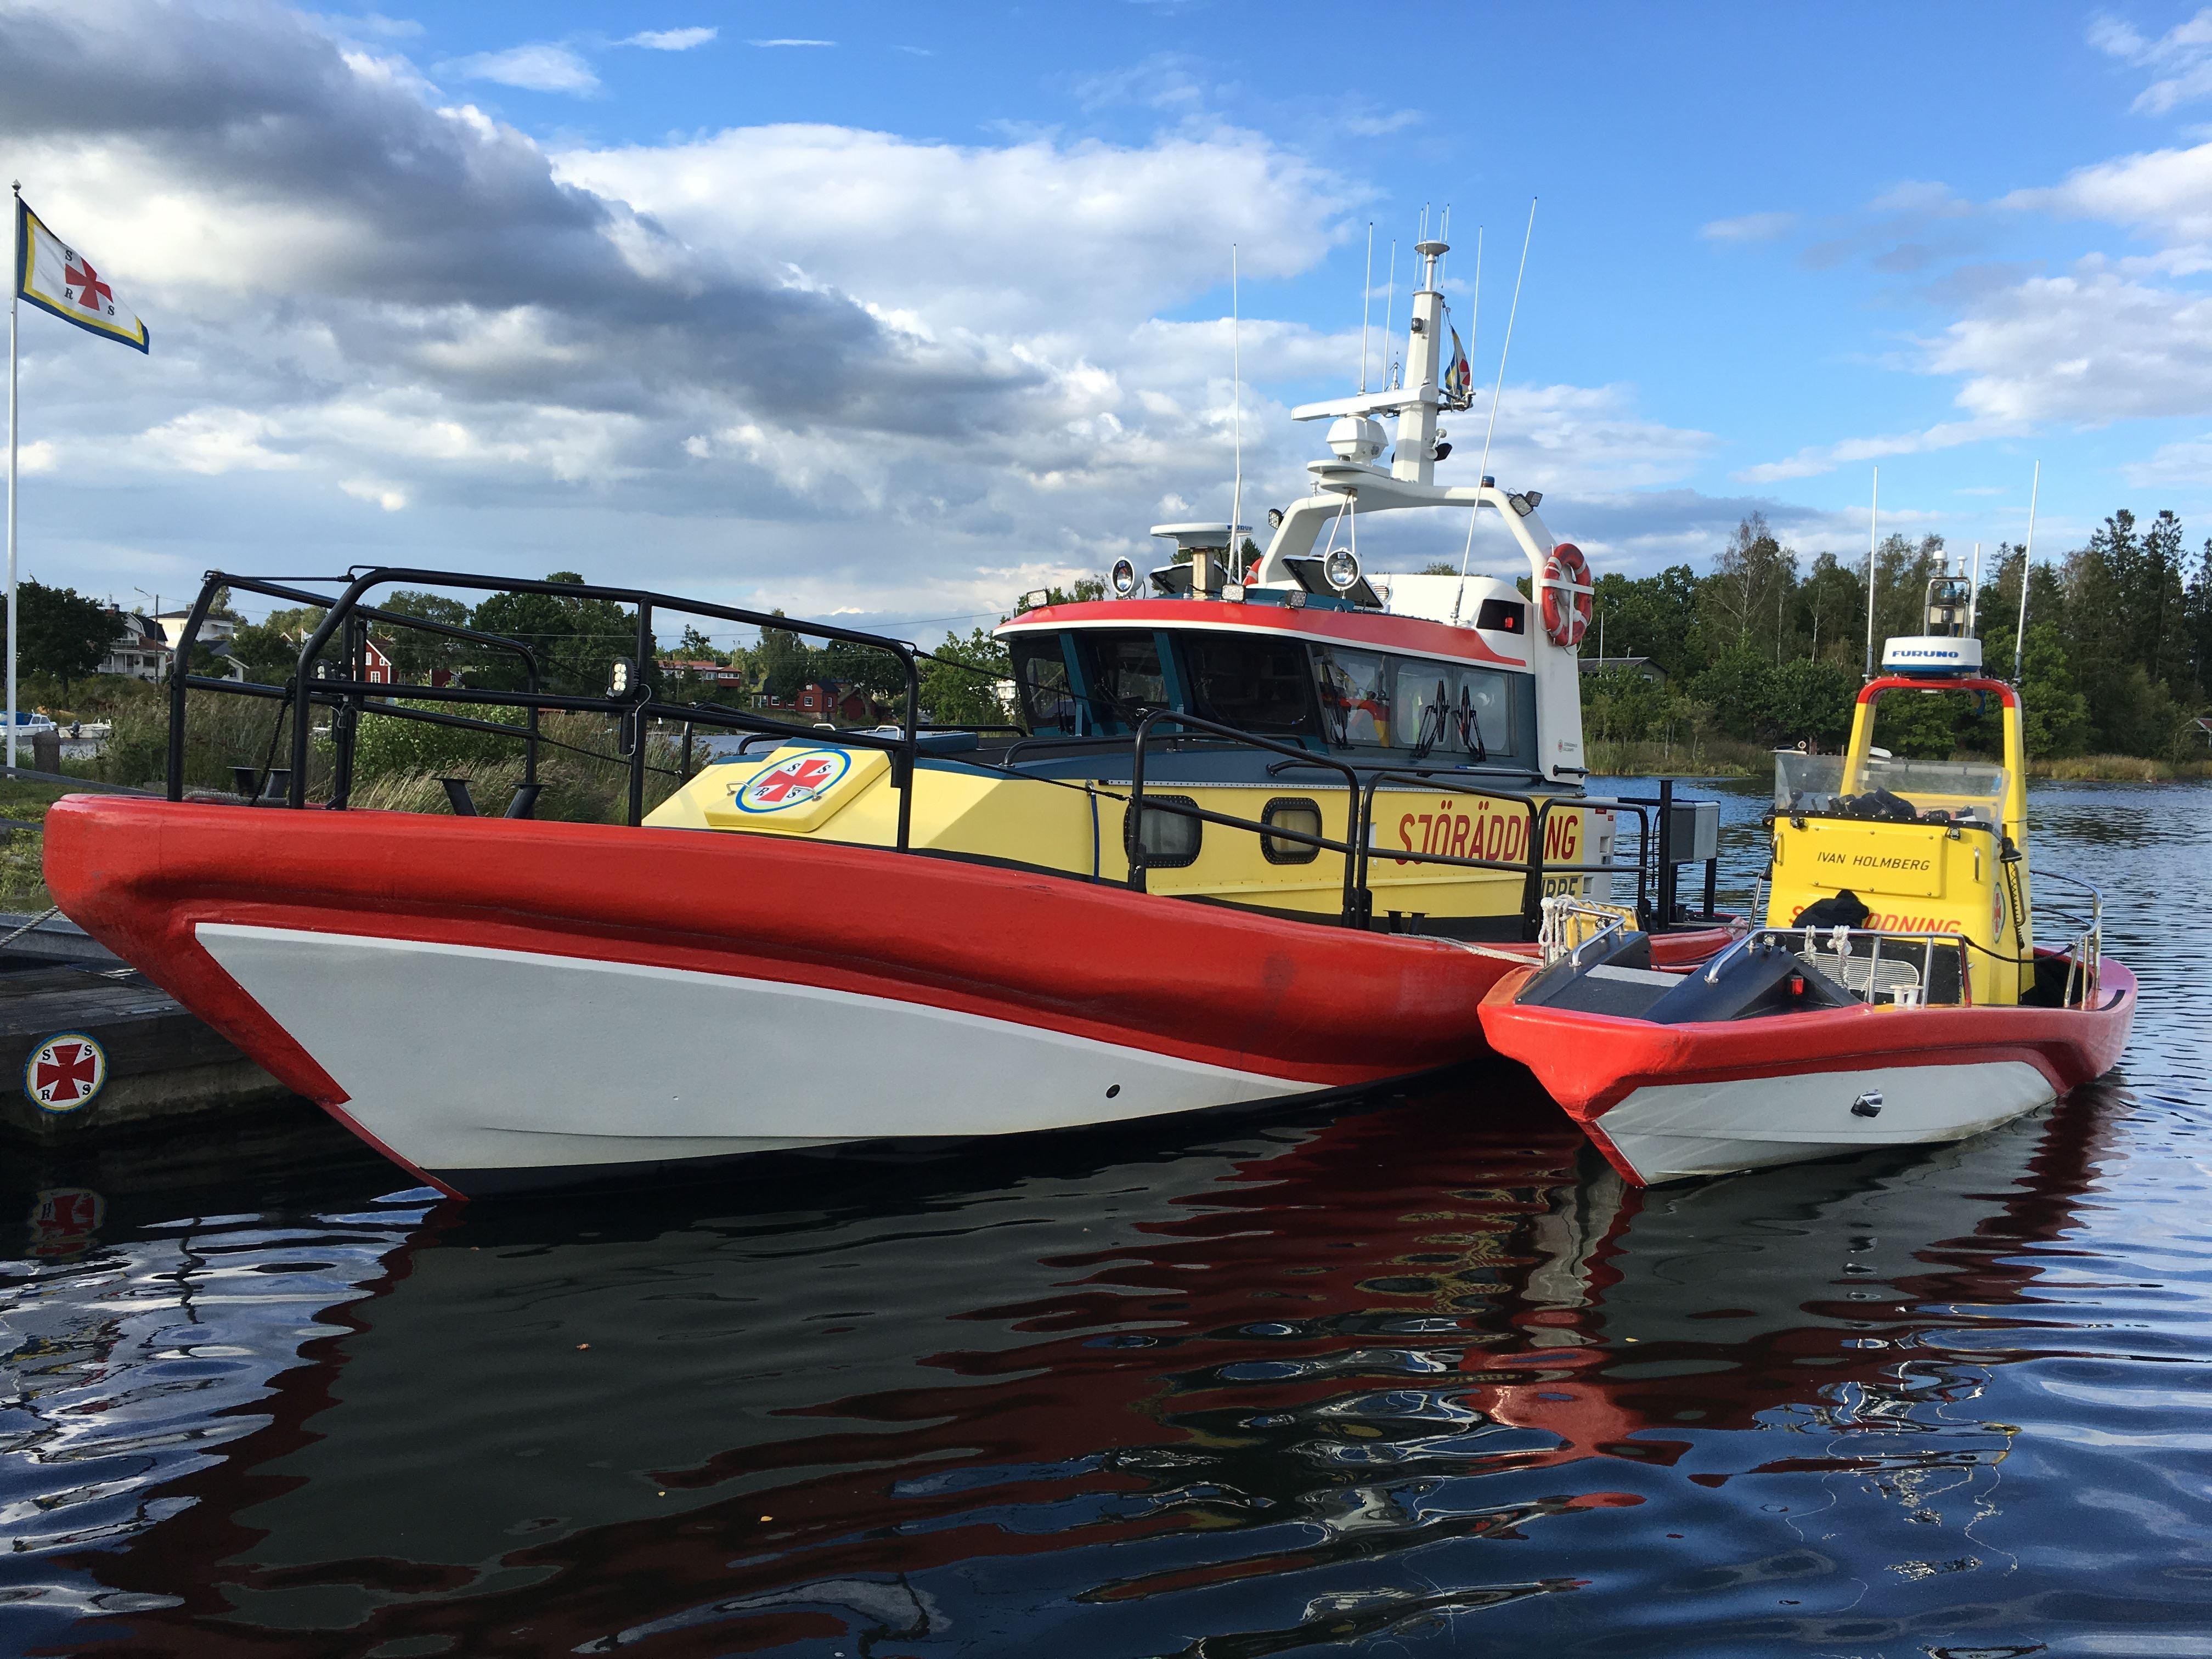 Sjöräddningssällskapet RS Simpevarp söker nya frivilliga sjöräddare.